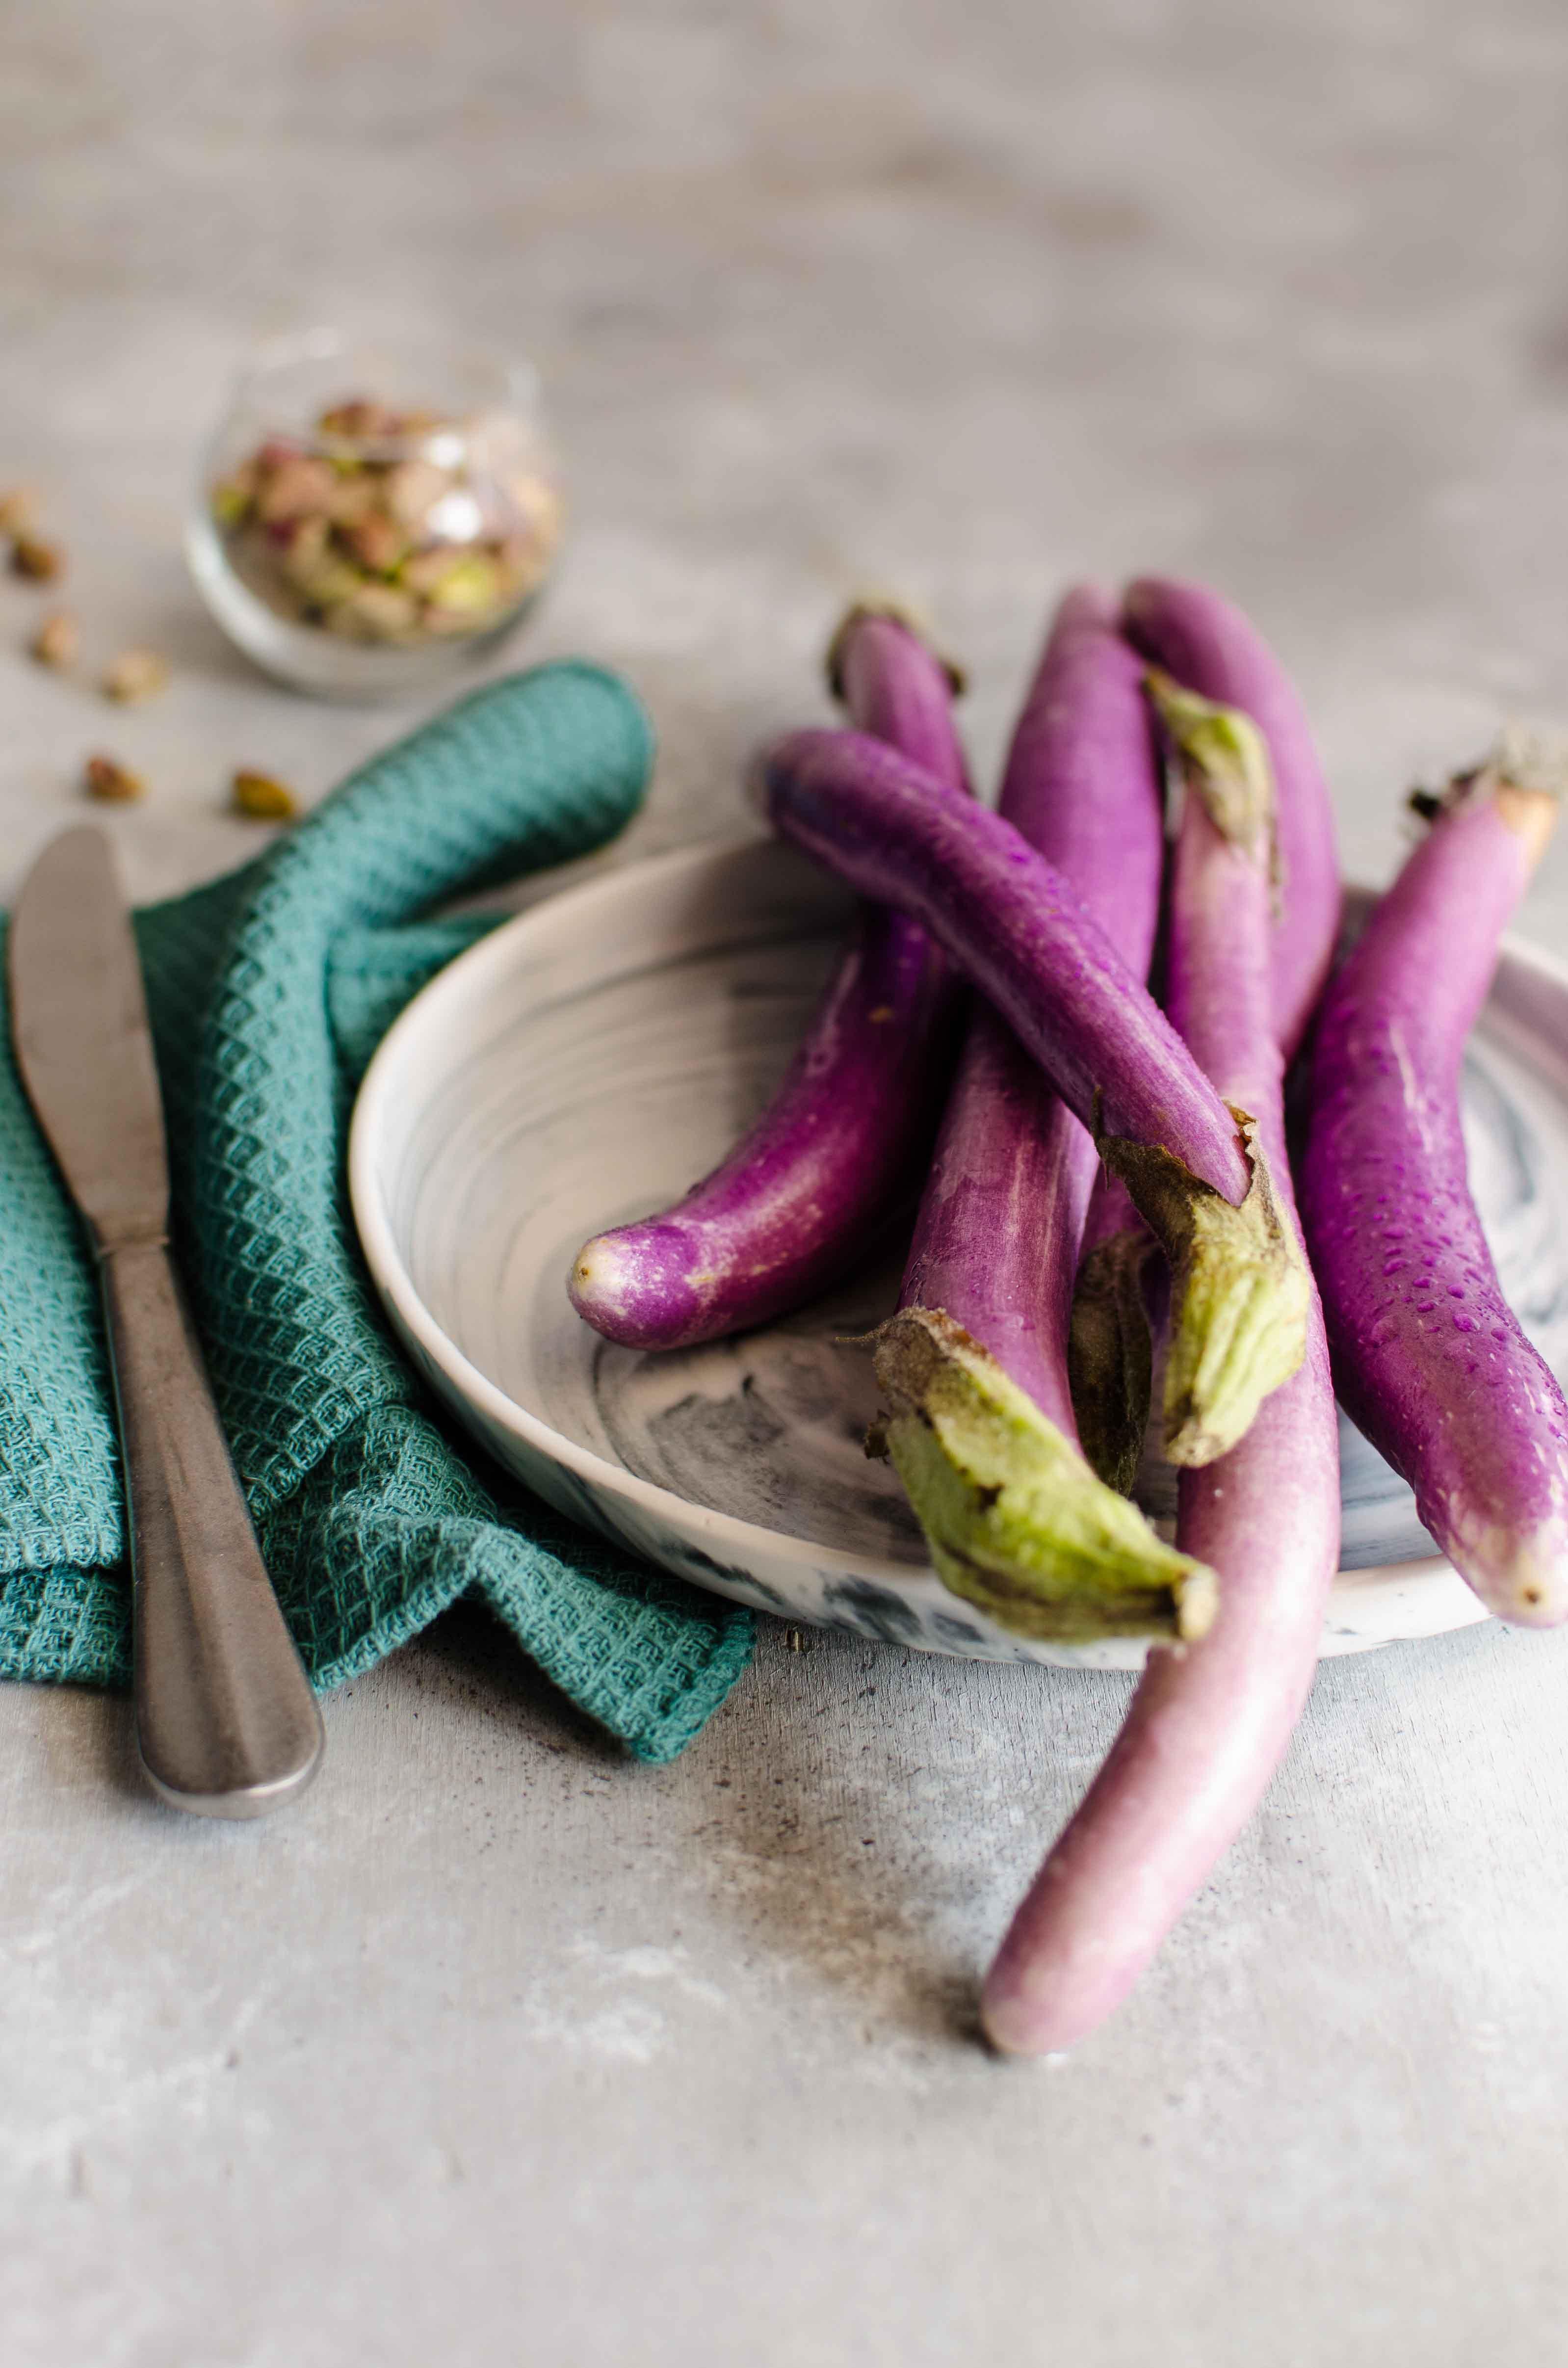 melanzane-perline Focaccia con pistacchi e melanzane perlina